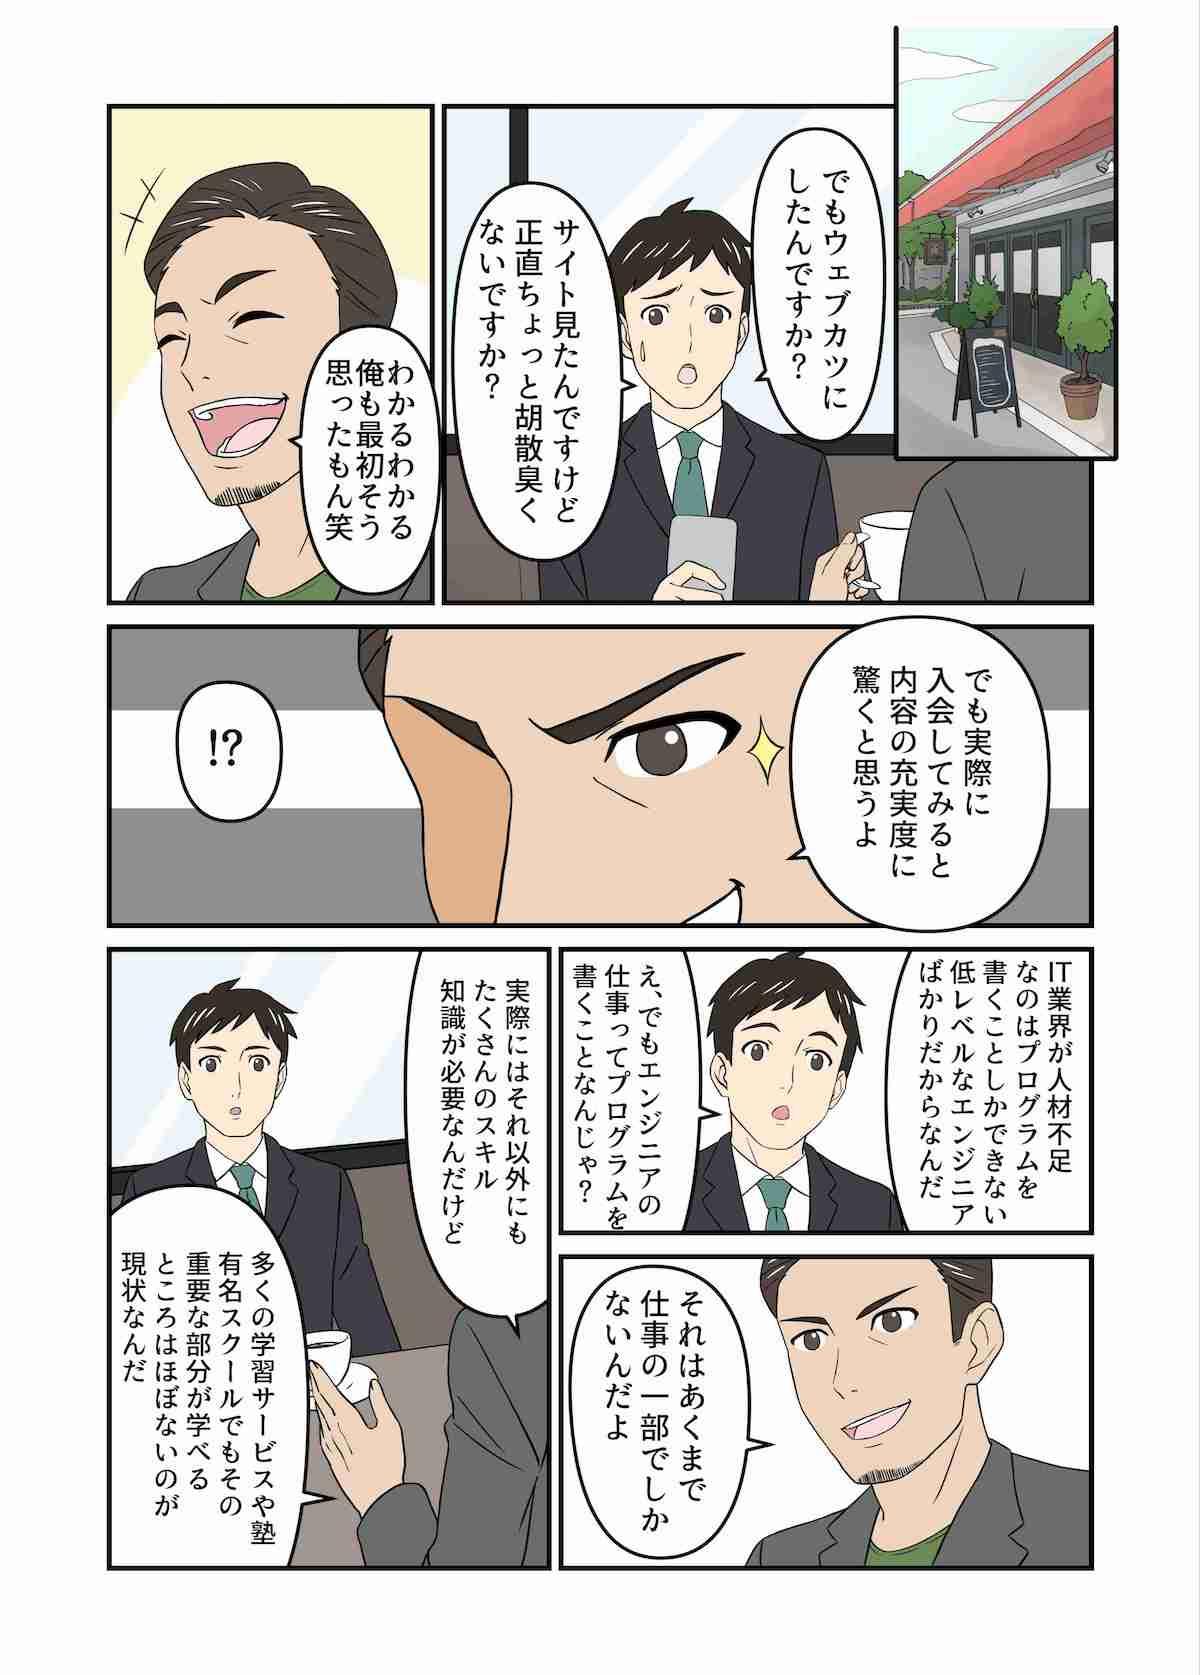 ウェブカツ漫画6ページ目